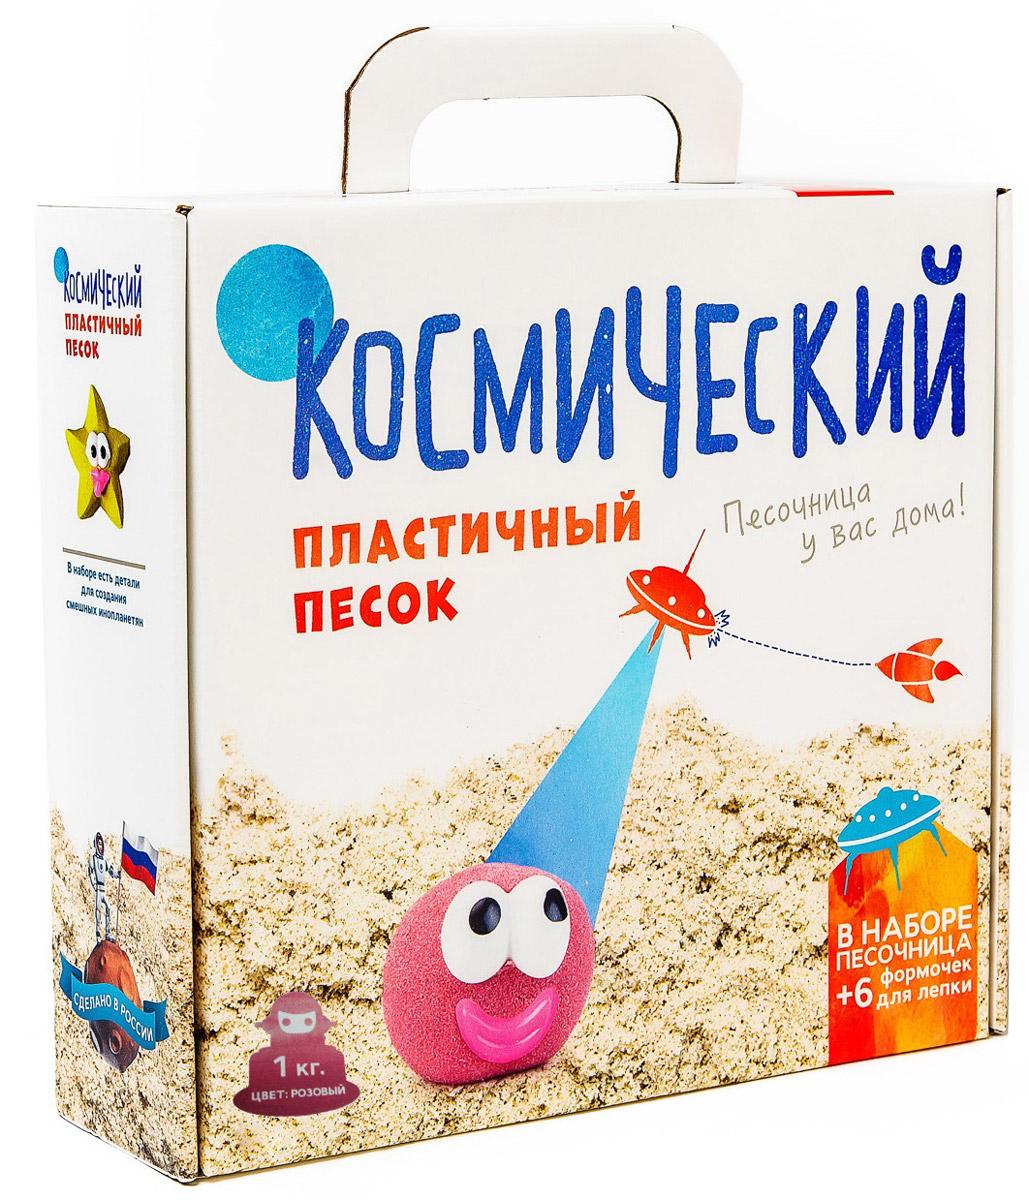 Космический песок Игровой набор цвет розовый 1 кгТ58573Космический песок - это невероятно красивый и удобный материал для детского творчества. На первый взгляд напоминает влажный морской песок, но когда берешь его в руки - проявляются его необычные свойства. Он течет сквозь пальцы и в тоже время остается сухим. Он рыхлый, но из него можно строить разнообразные фигуры. Песок приятный на ощупь, не оставляет следов на руках и может использоваться как расслабляющее и терапевтическое средство. Состоит из чистого песка (98%) и специального связующего вещества (2%). Абсолютно безопасен. Песок не липнет к рукам, обладает превосходными кинетическими (текучими) свойствами, не засыхает и не пахнет. Оставляет все поверхности совершенно чистыми. Является неблагоприятной средой для размножения бактерий. Космический песок развивает мелкую моторику, чувственное восприятие и креативность. В игровой набор Космический песок входит: 1 кг песка, песочница, 6 формочек для лепки, книга с играми.